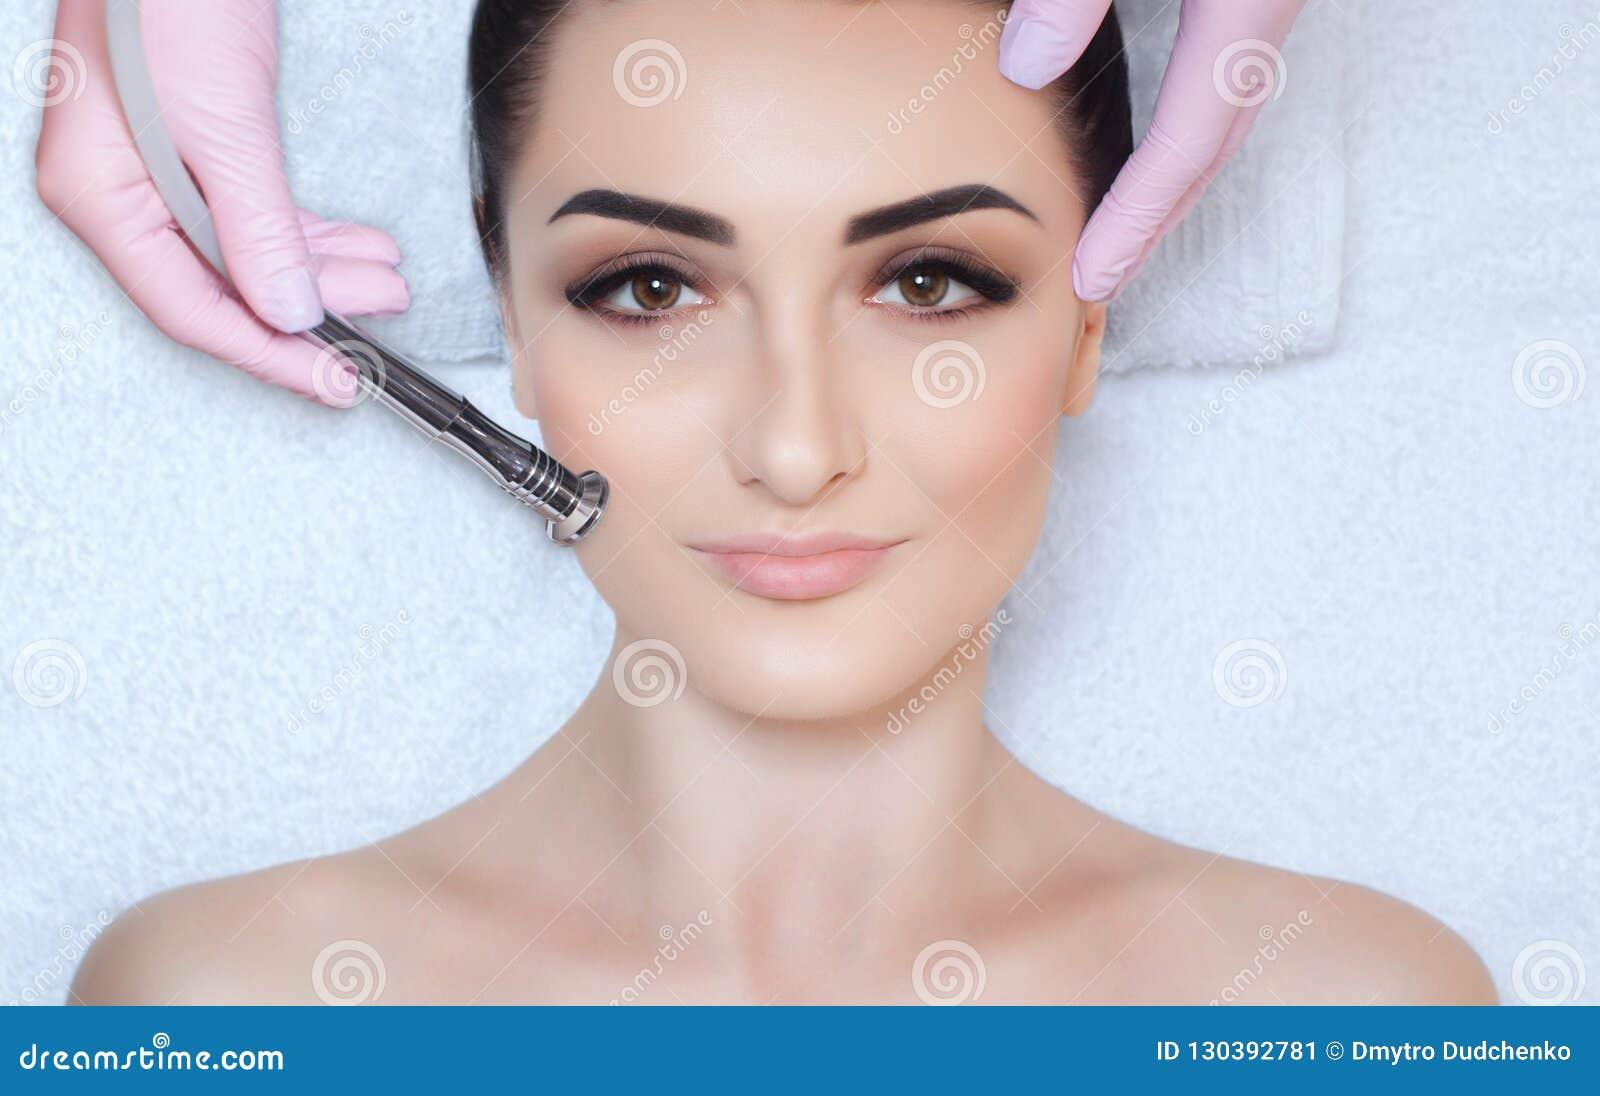 Cosmetologist robi procedurze Microdermabrasion twarzowa skóra piękny, młoda kobieta w piękno salonie